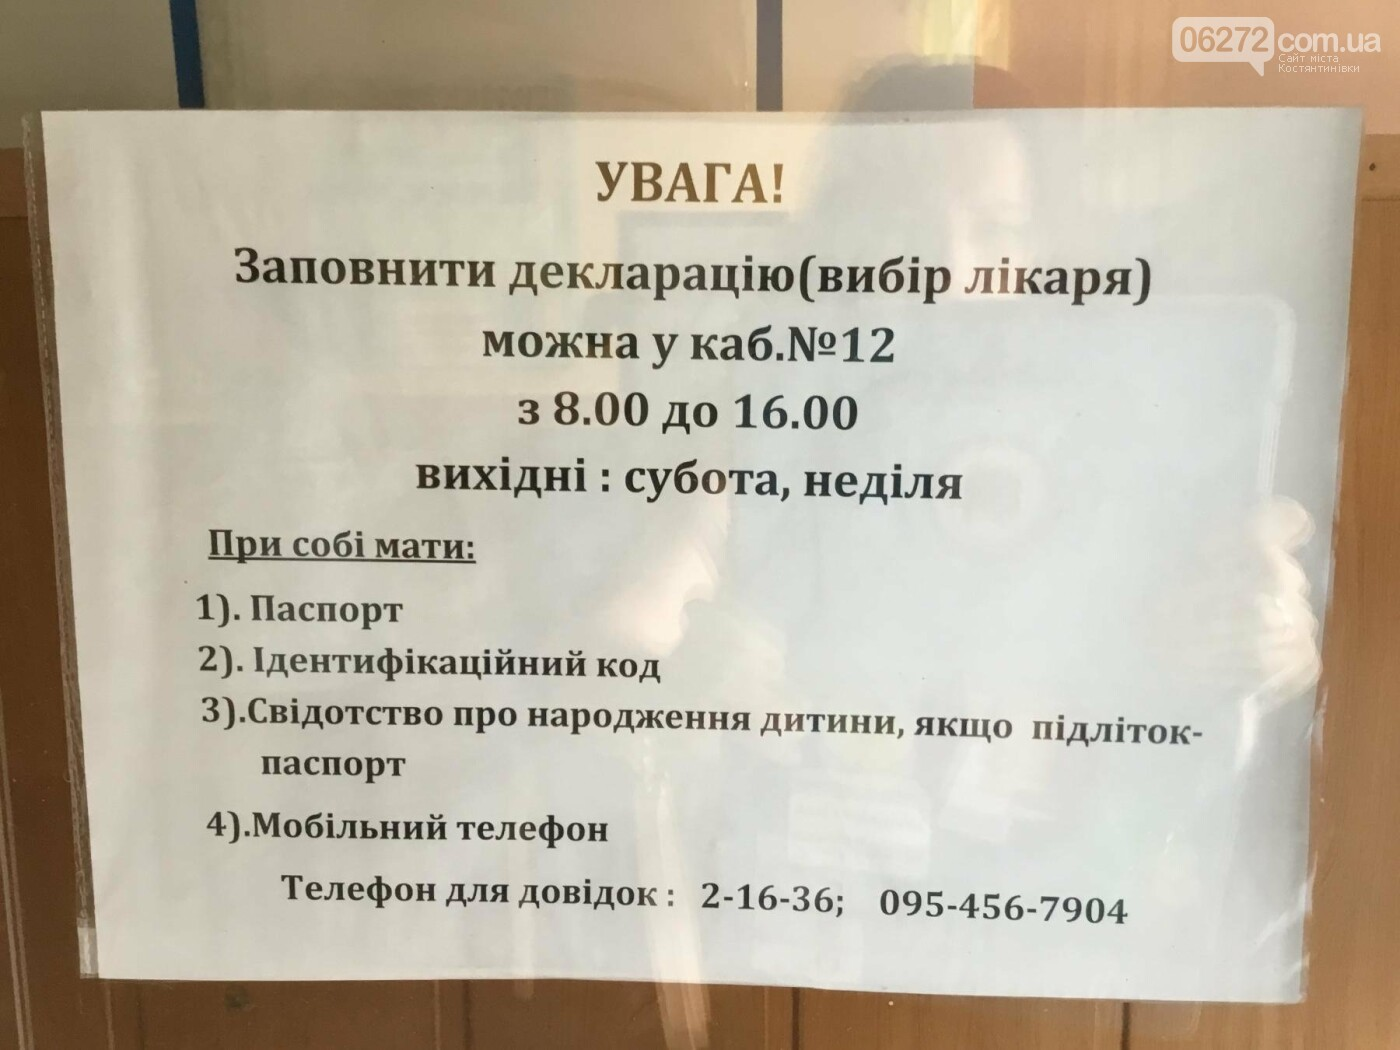 Рейтинг лікарів в Костянтинівській амбулаторії № 5, фото-2